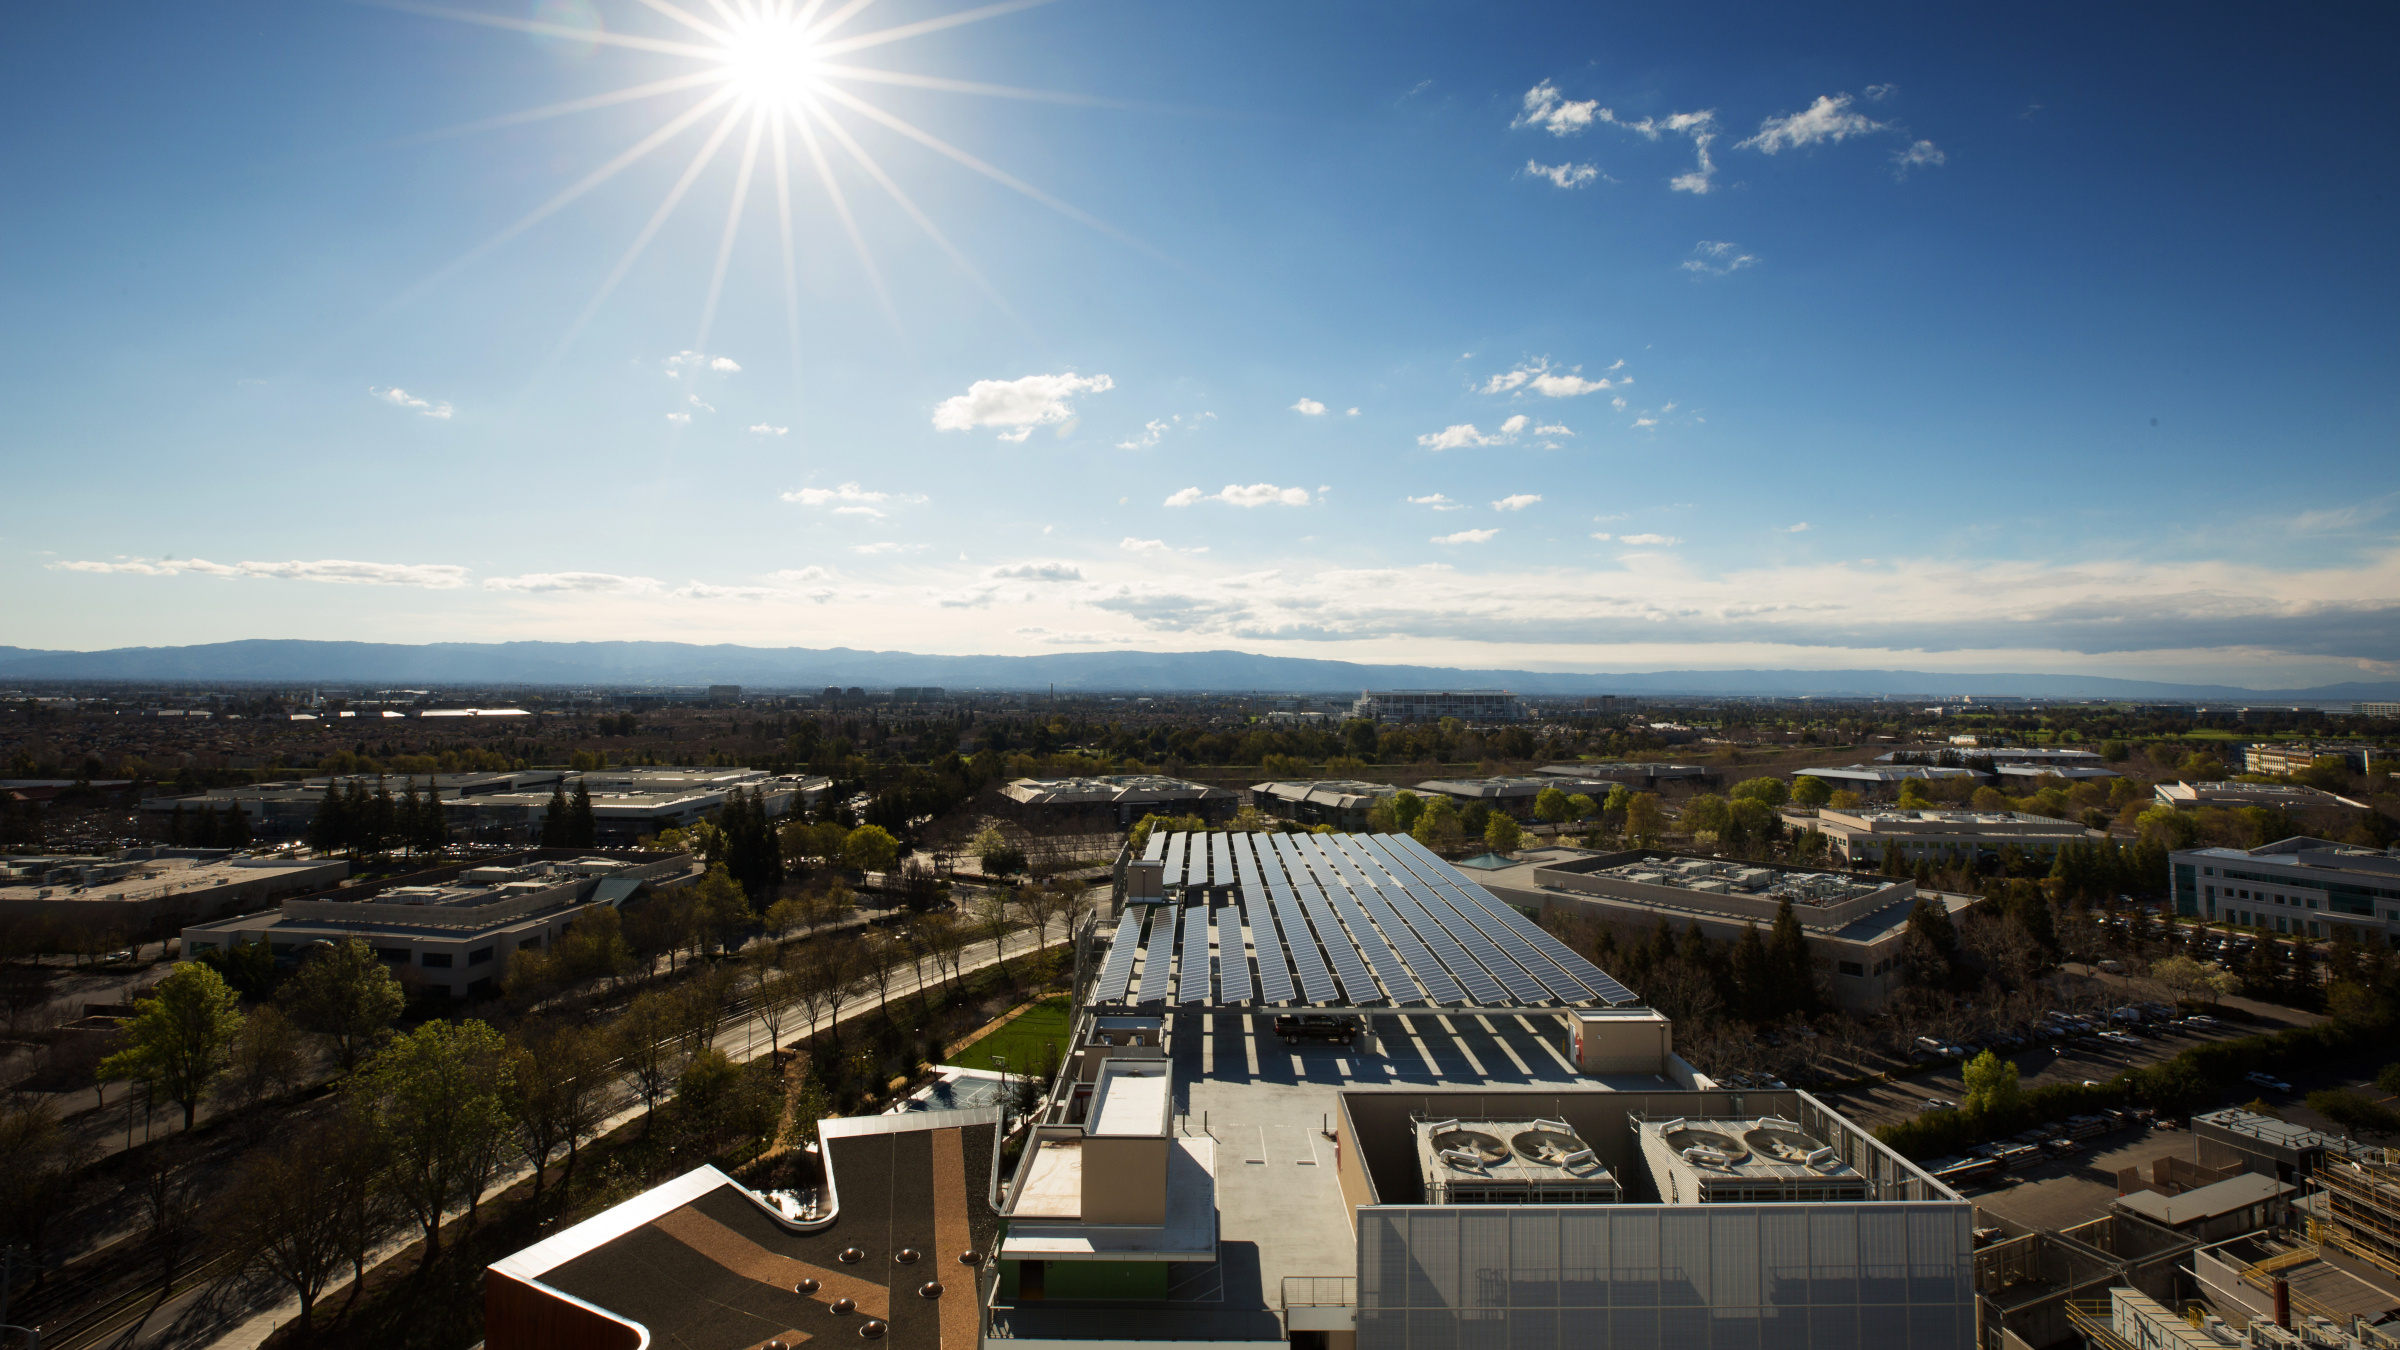 سرمایهگذاری ۱۰ میلیارد دلاری سامسونگ برای راهاندازی خط تولید چیپست ۳ نانومتری در تگزاس